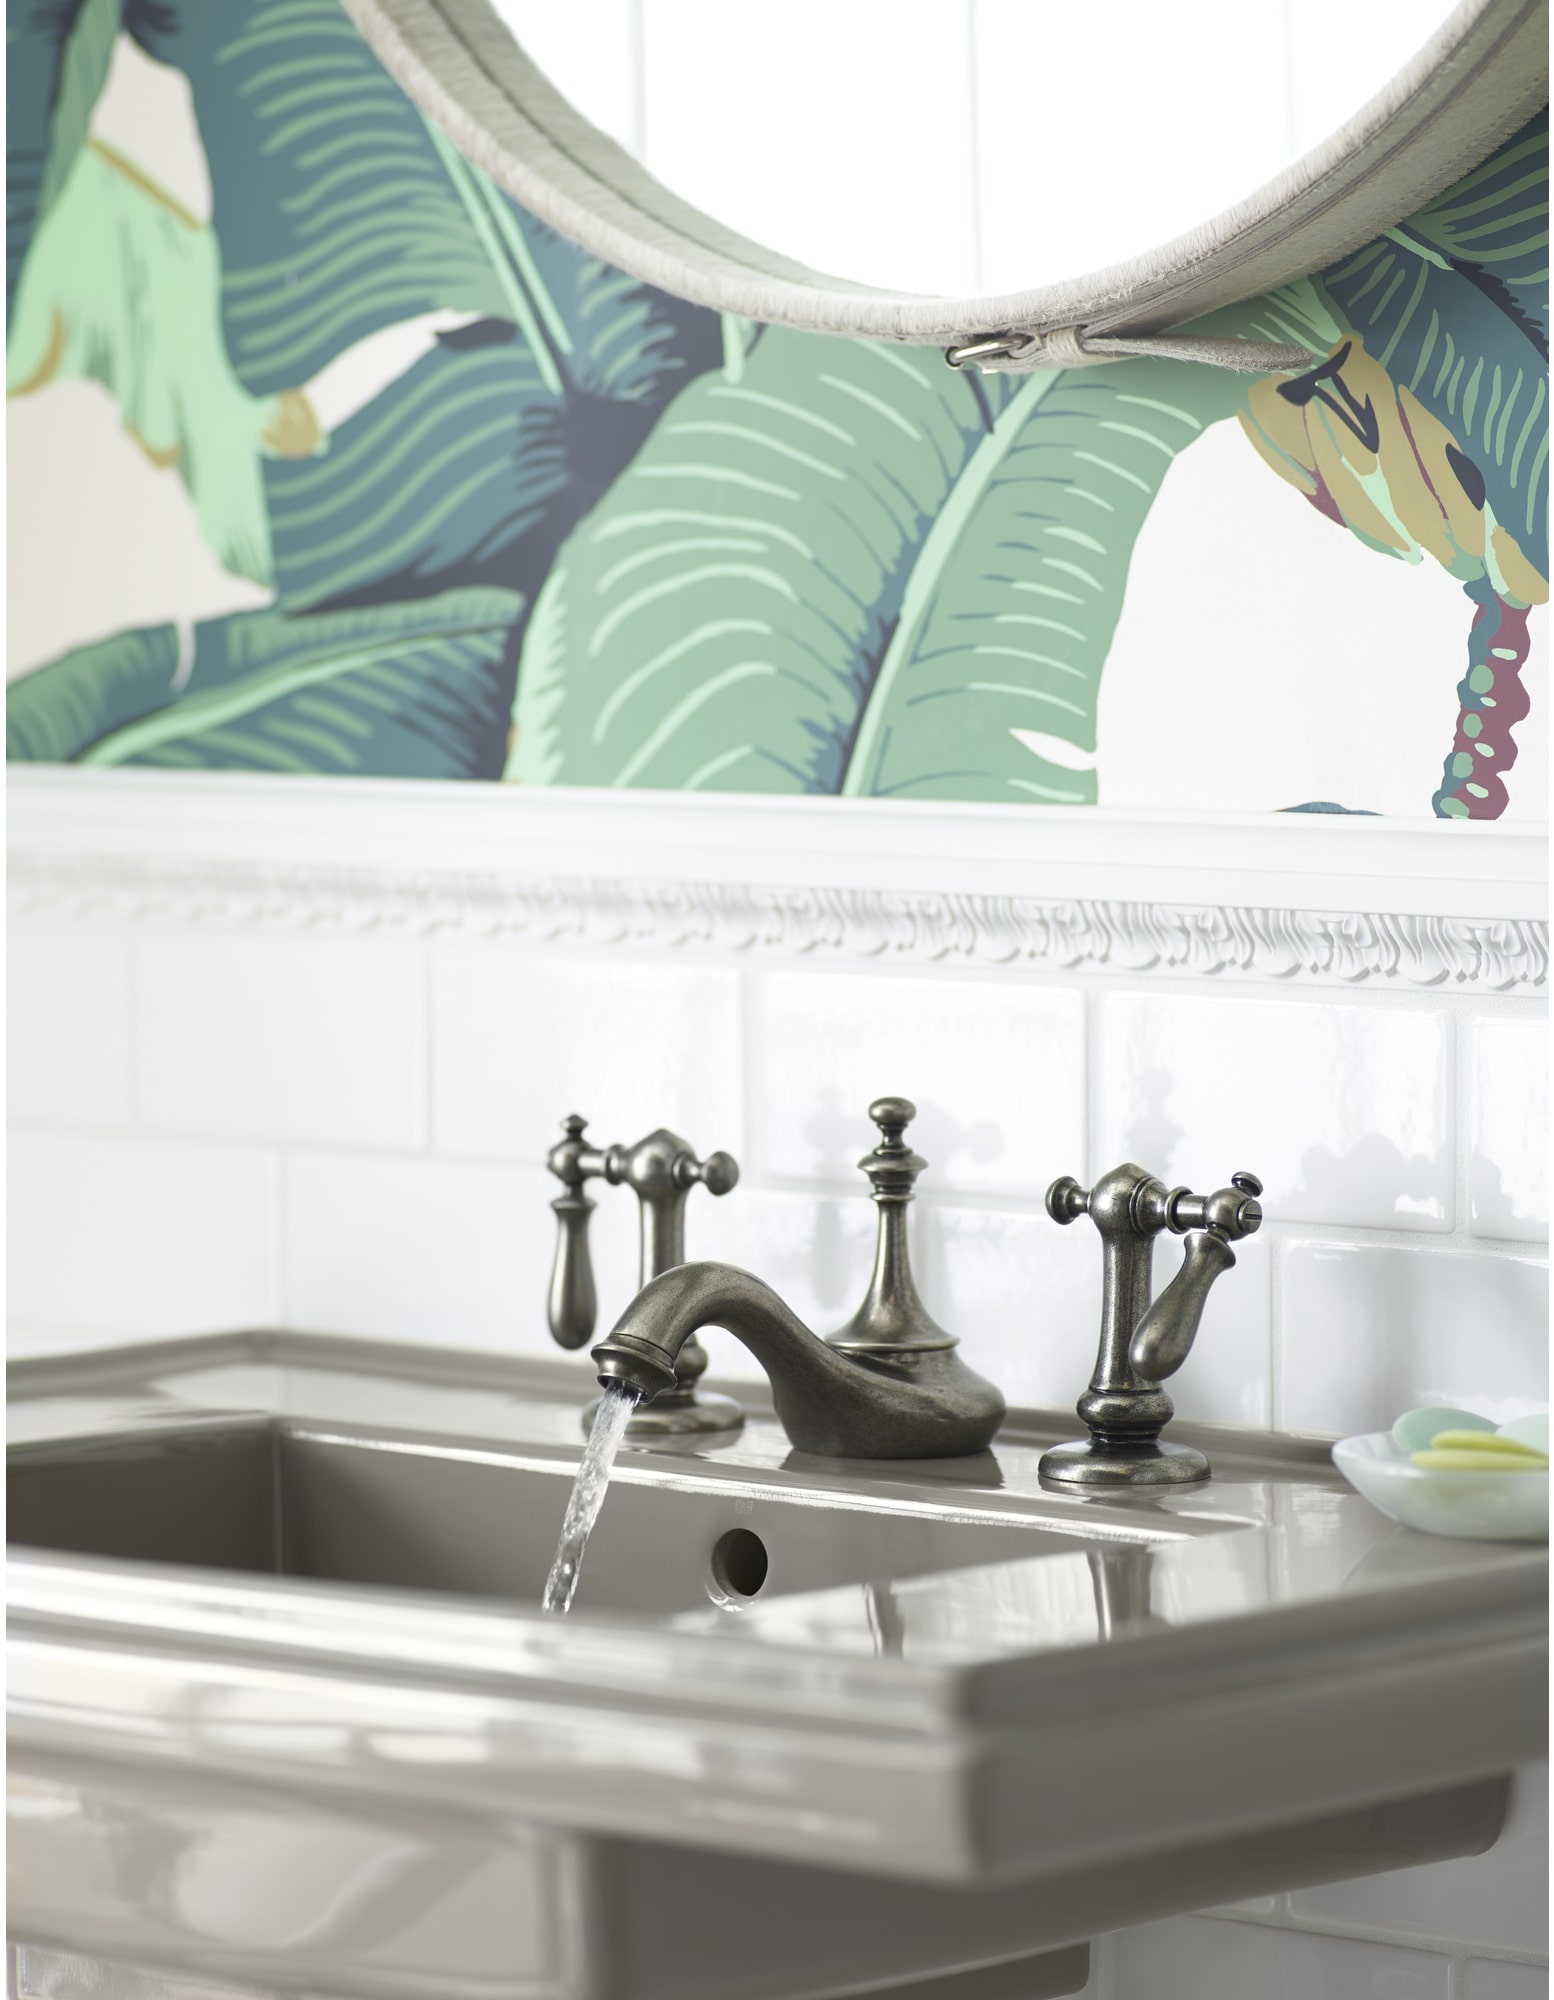 Perfect Kohler K 716 Illustration - Custom Bathtubs - kazenomise.net